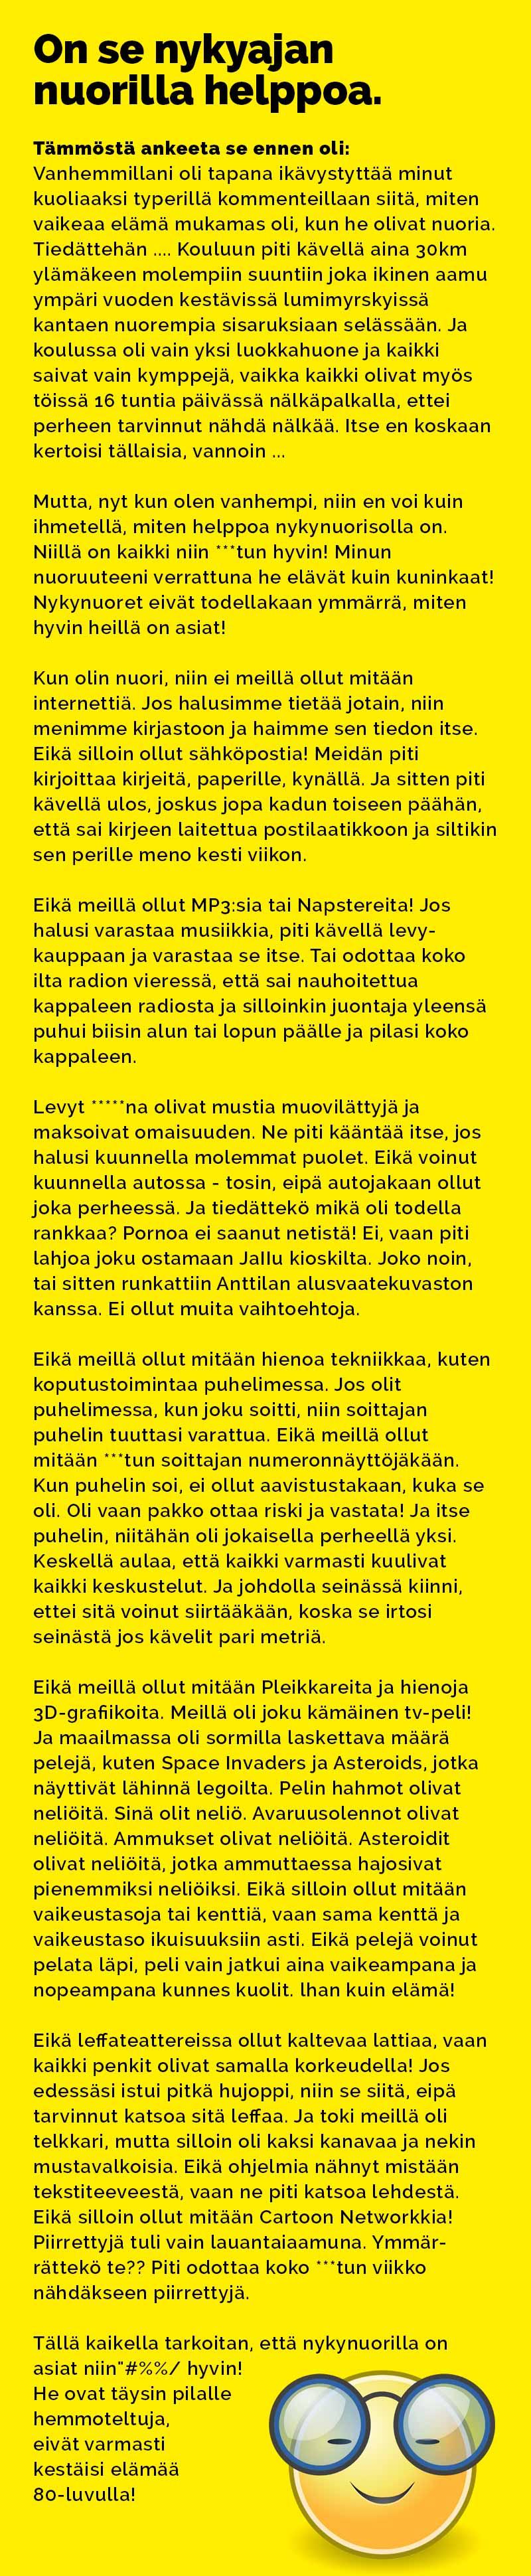 vitsit_nuorilla_helppoa_2